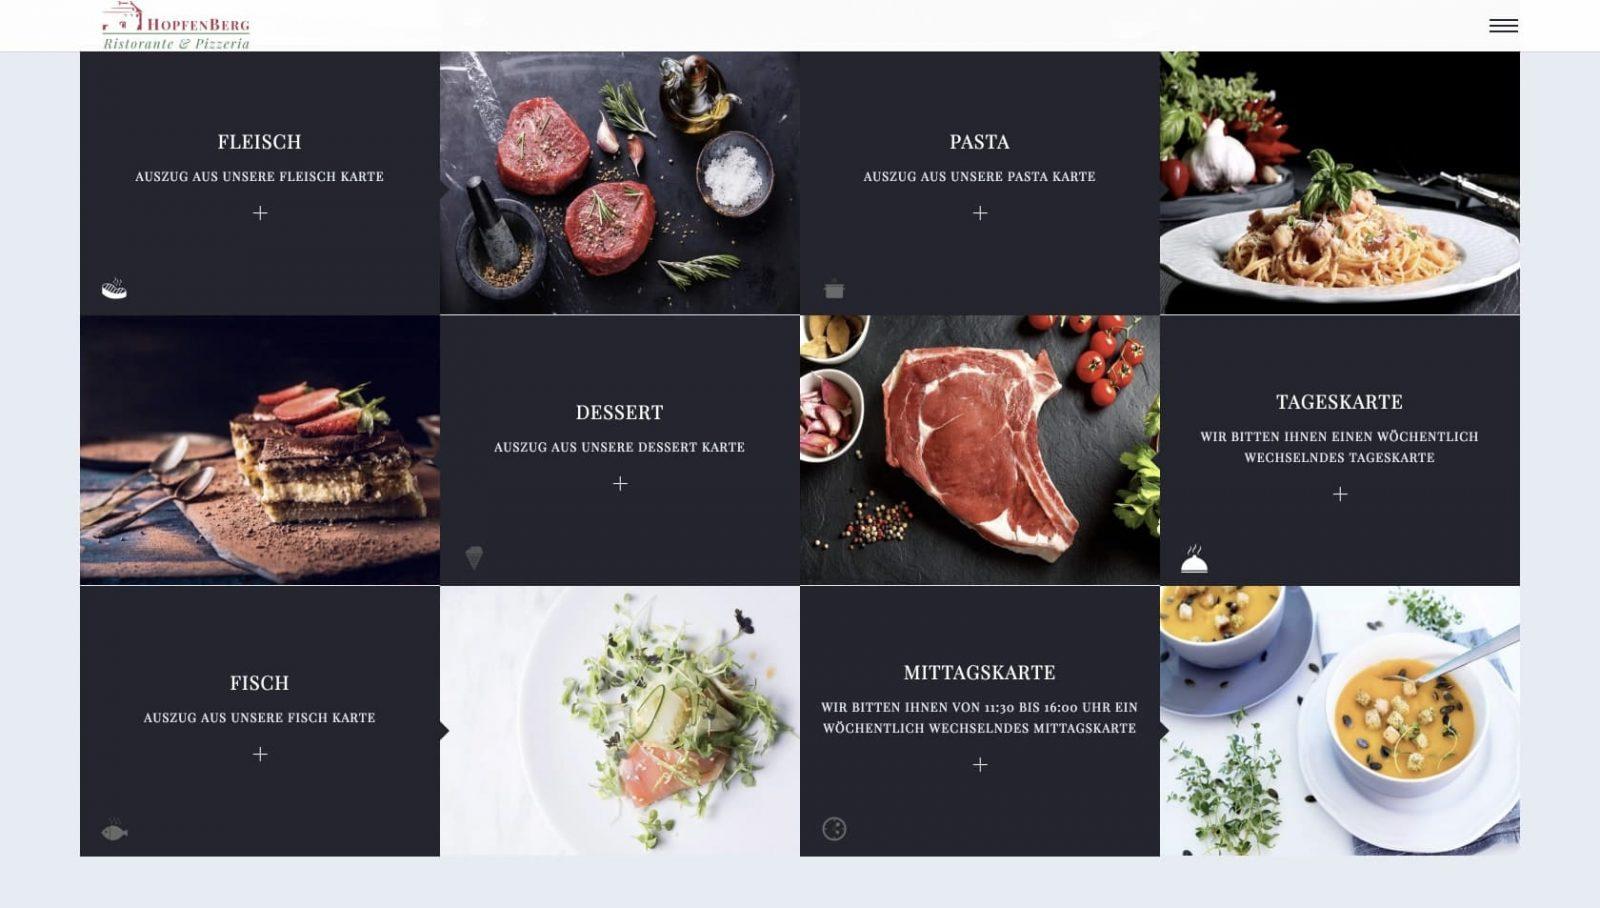 sviluppo sito web • Ristorante Hopfenberg